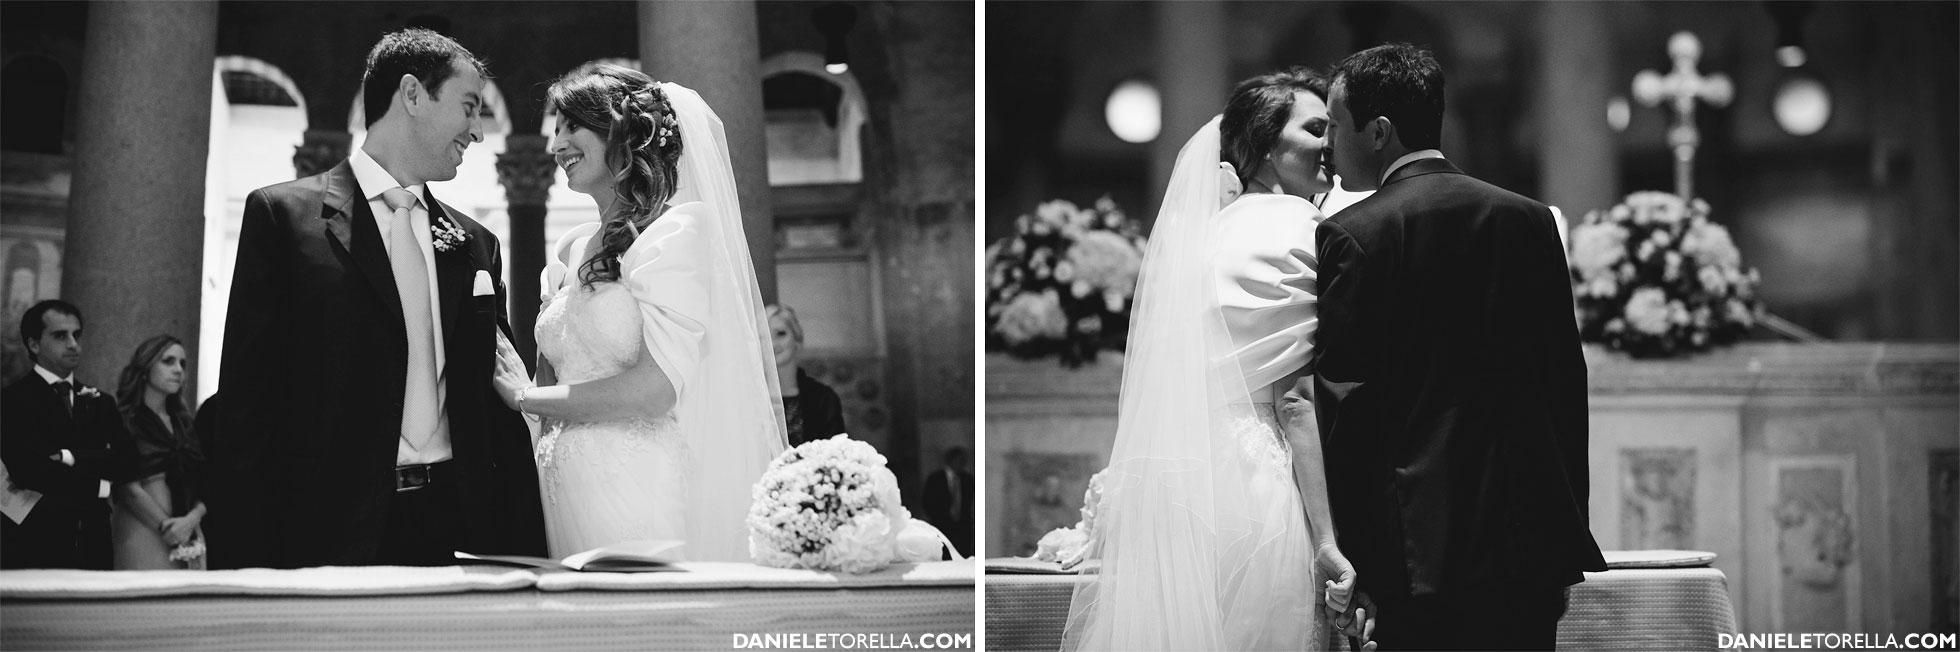 Matrimonio con la pioggia 27